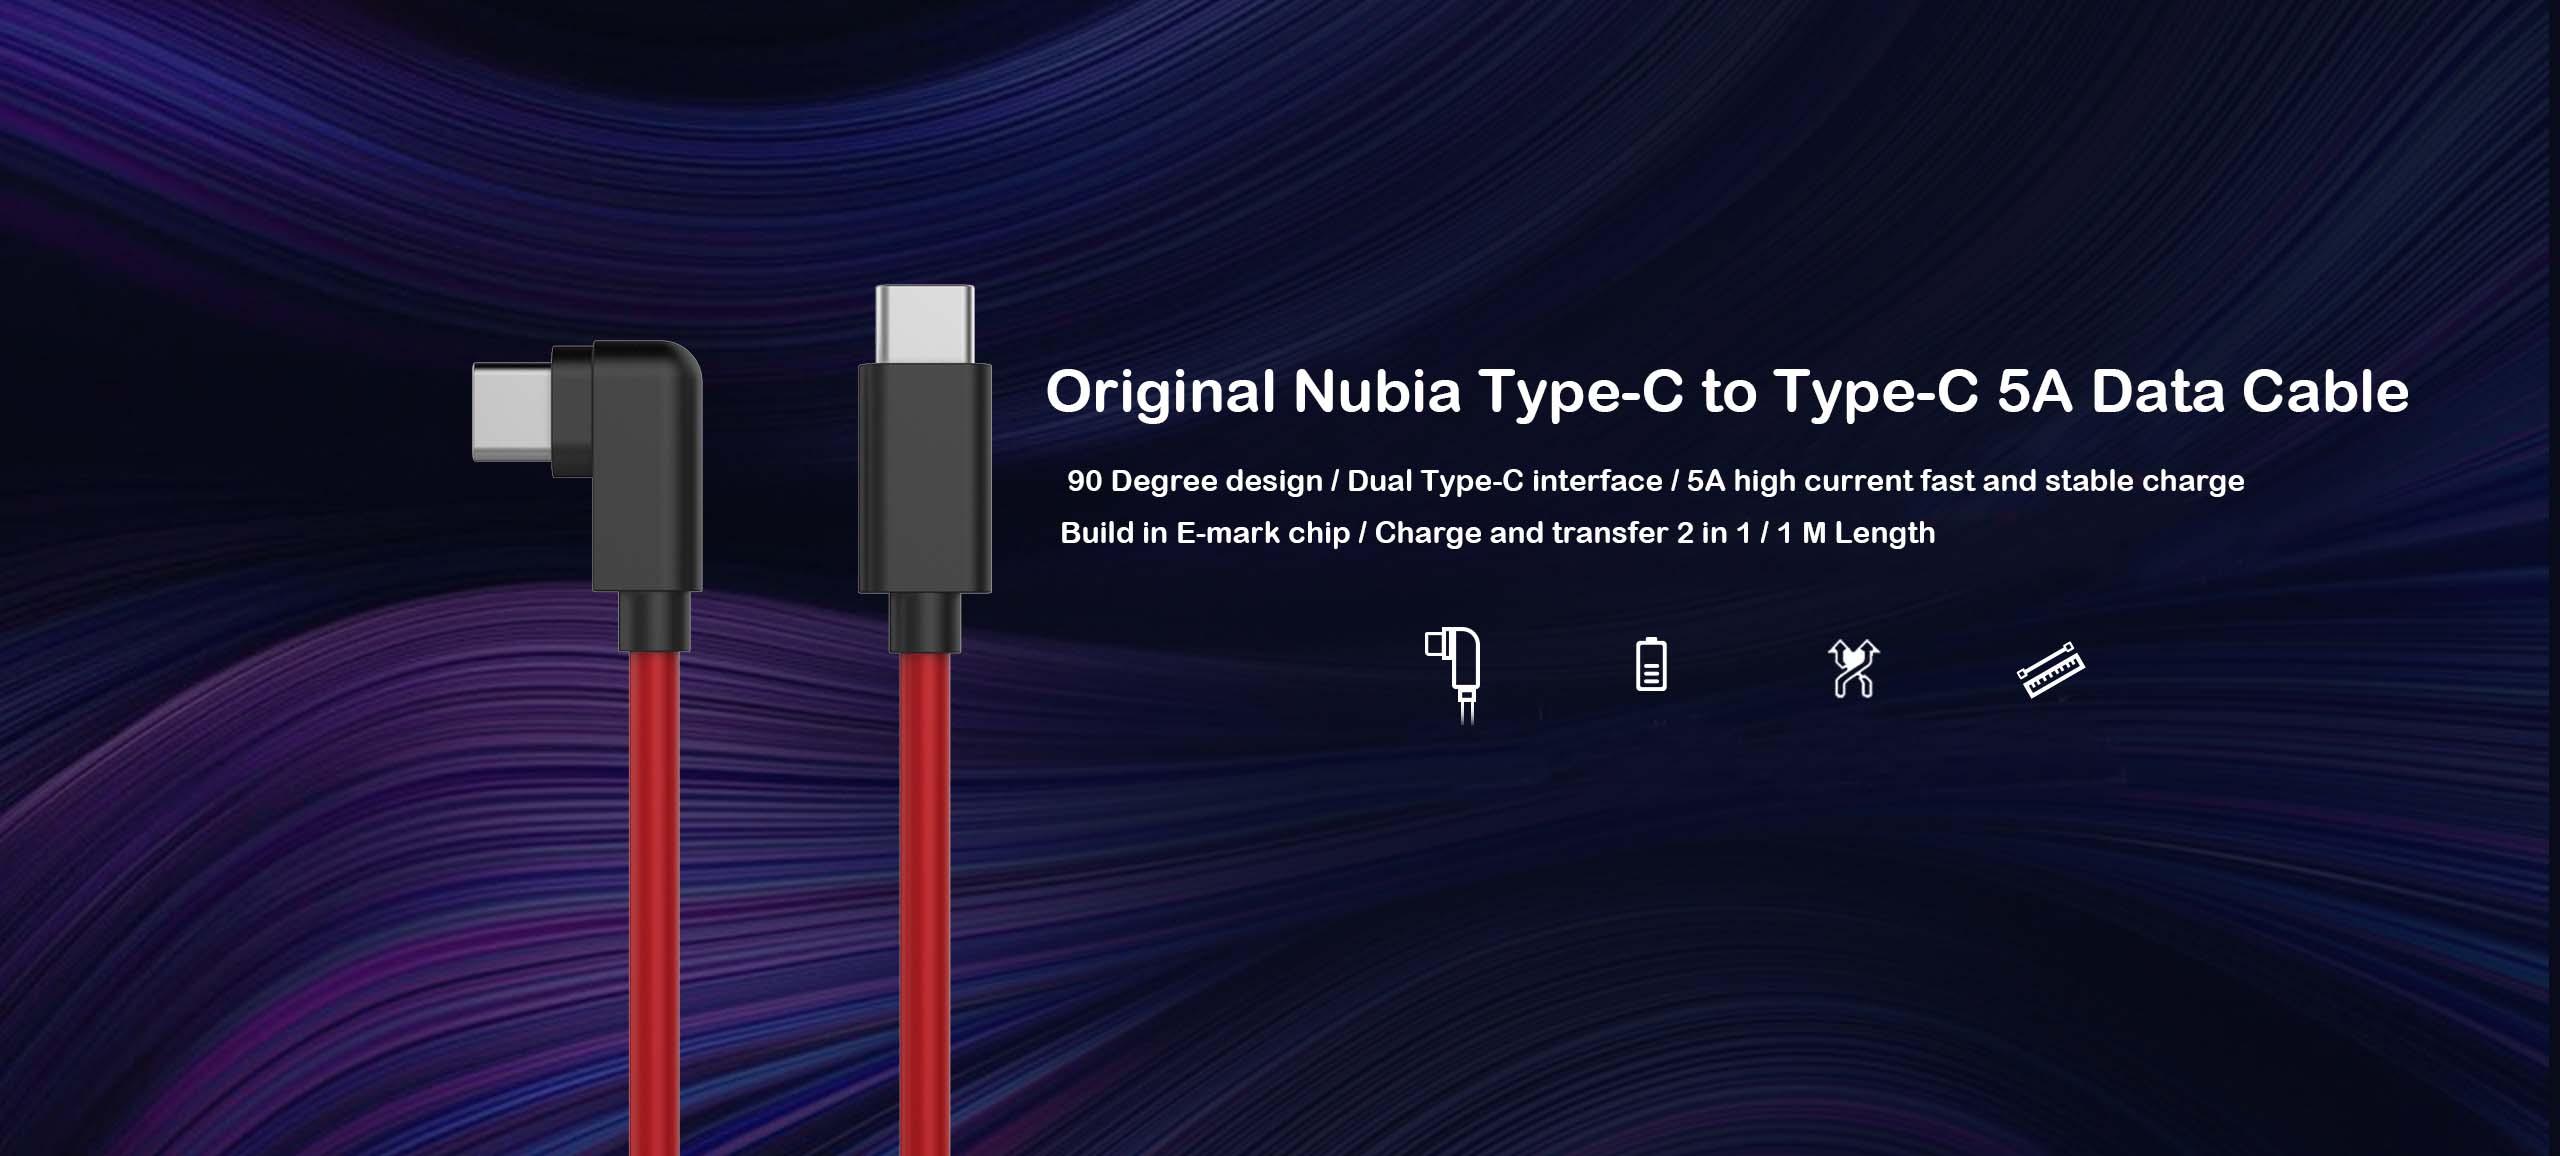 Original Nubia Type-C to Type-C cable